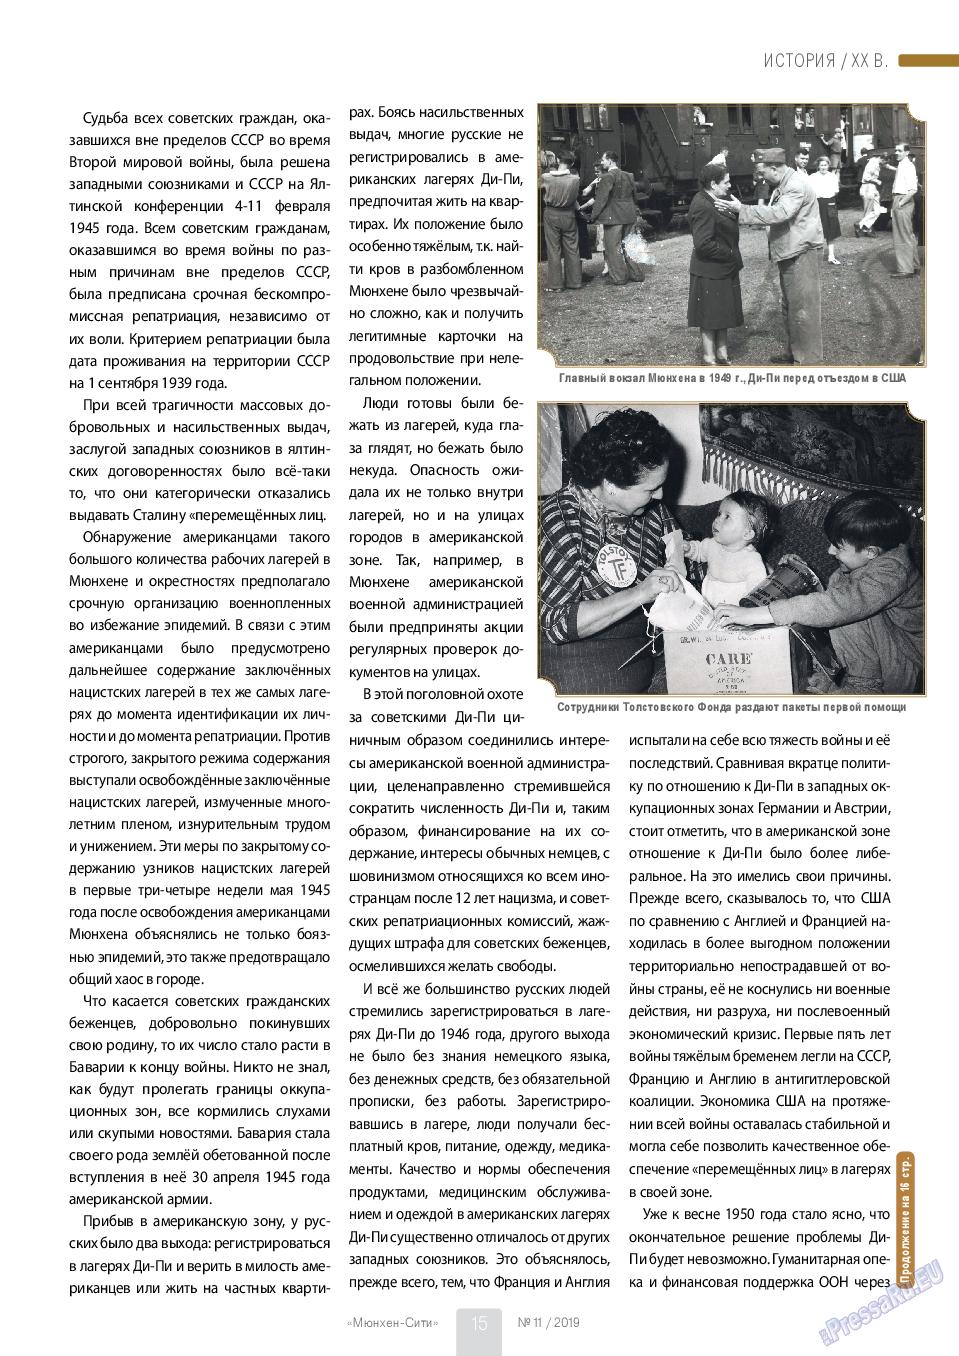 Мюнхен-сити (журнал). 2019 год, номер 98, стр. 15